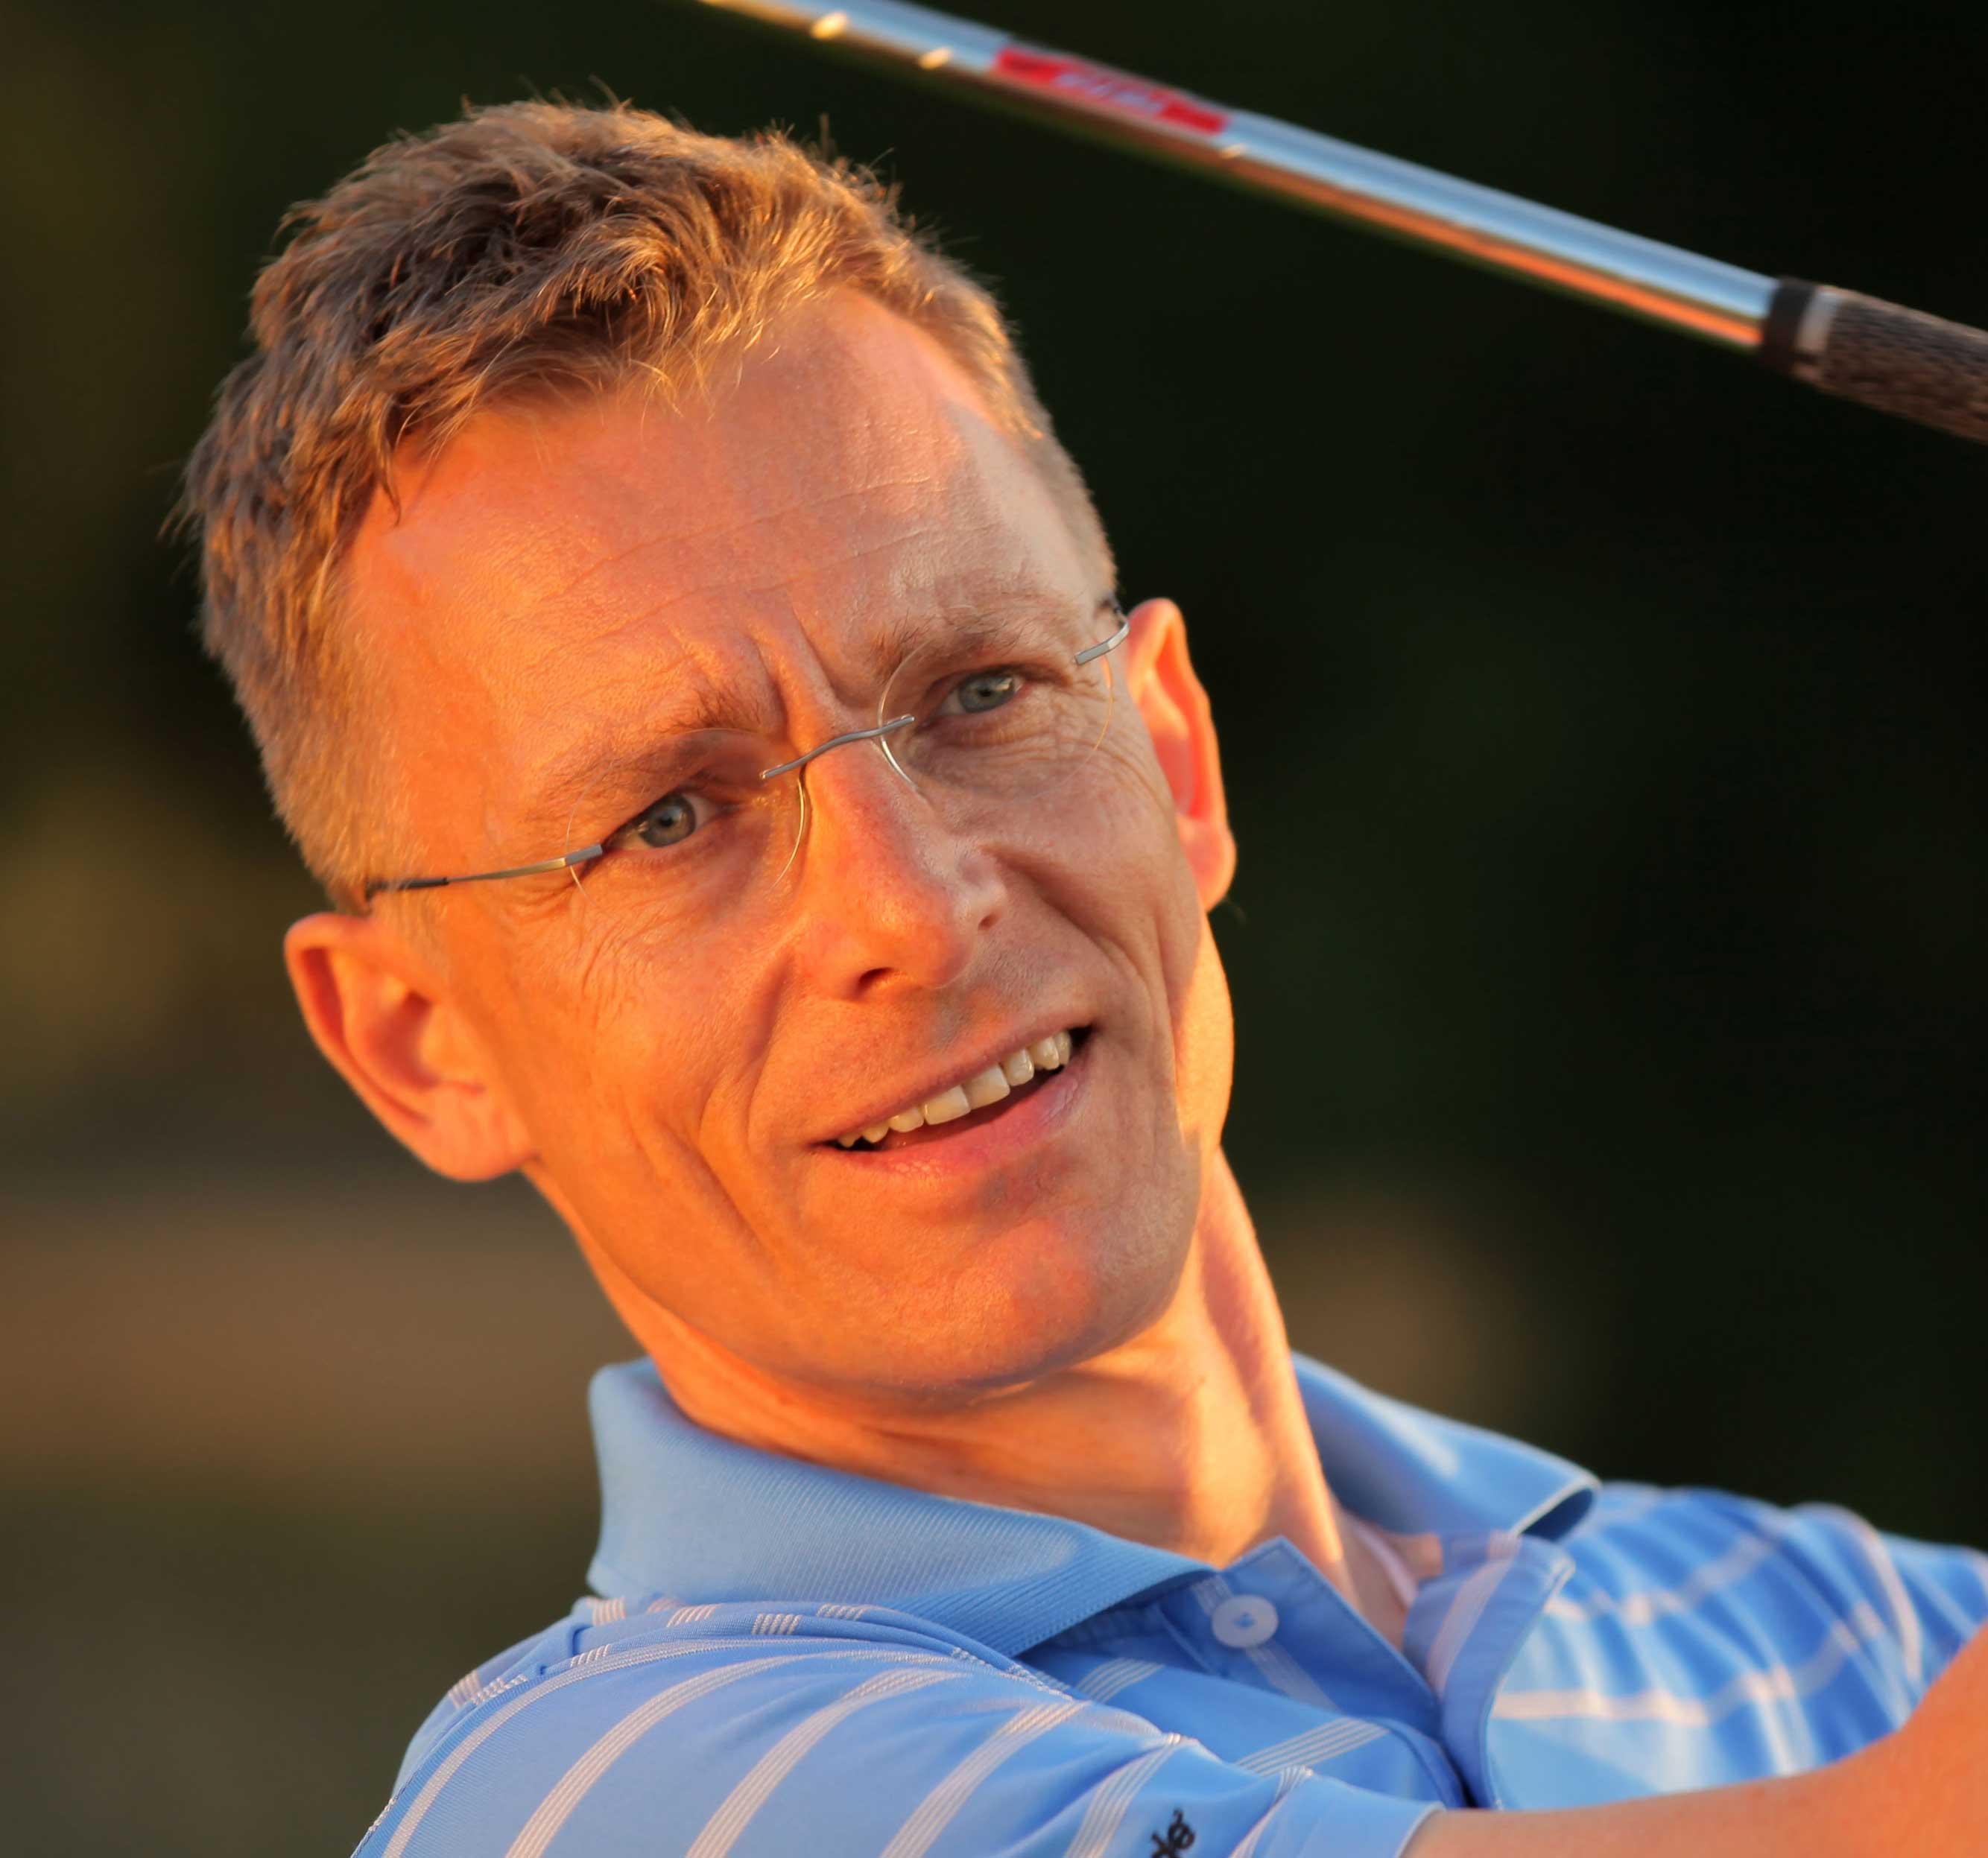 Oliver Heuler